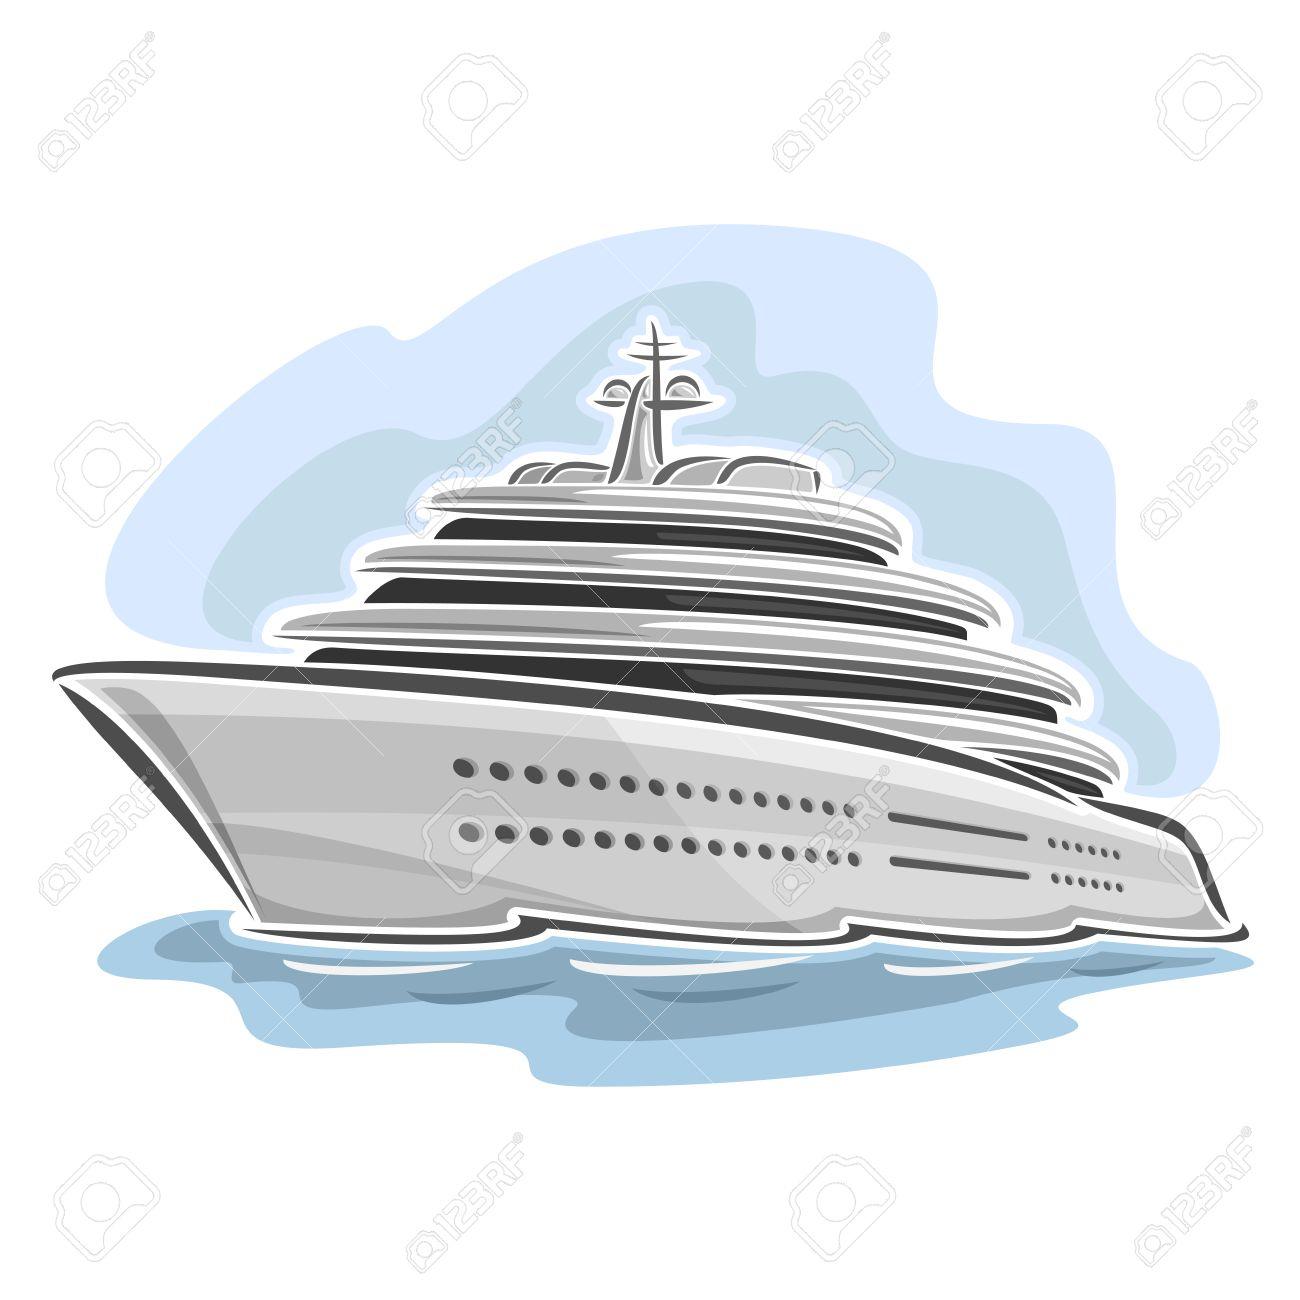 Vector Illustration D'un Grand Mega Yacht, Composé De Croisière Dessin  Animé Paquebot De Luxe Bateau, Flottant Sur Les Vagues De La Mer Océan Gros encequiconcerne Paquebot Dessin